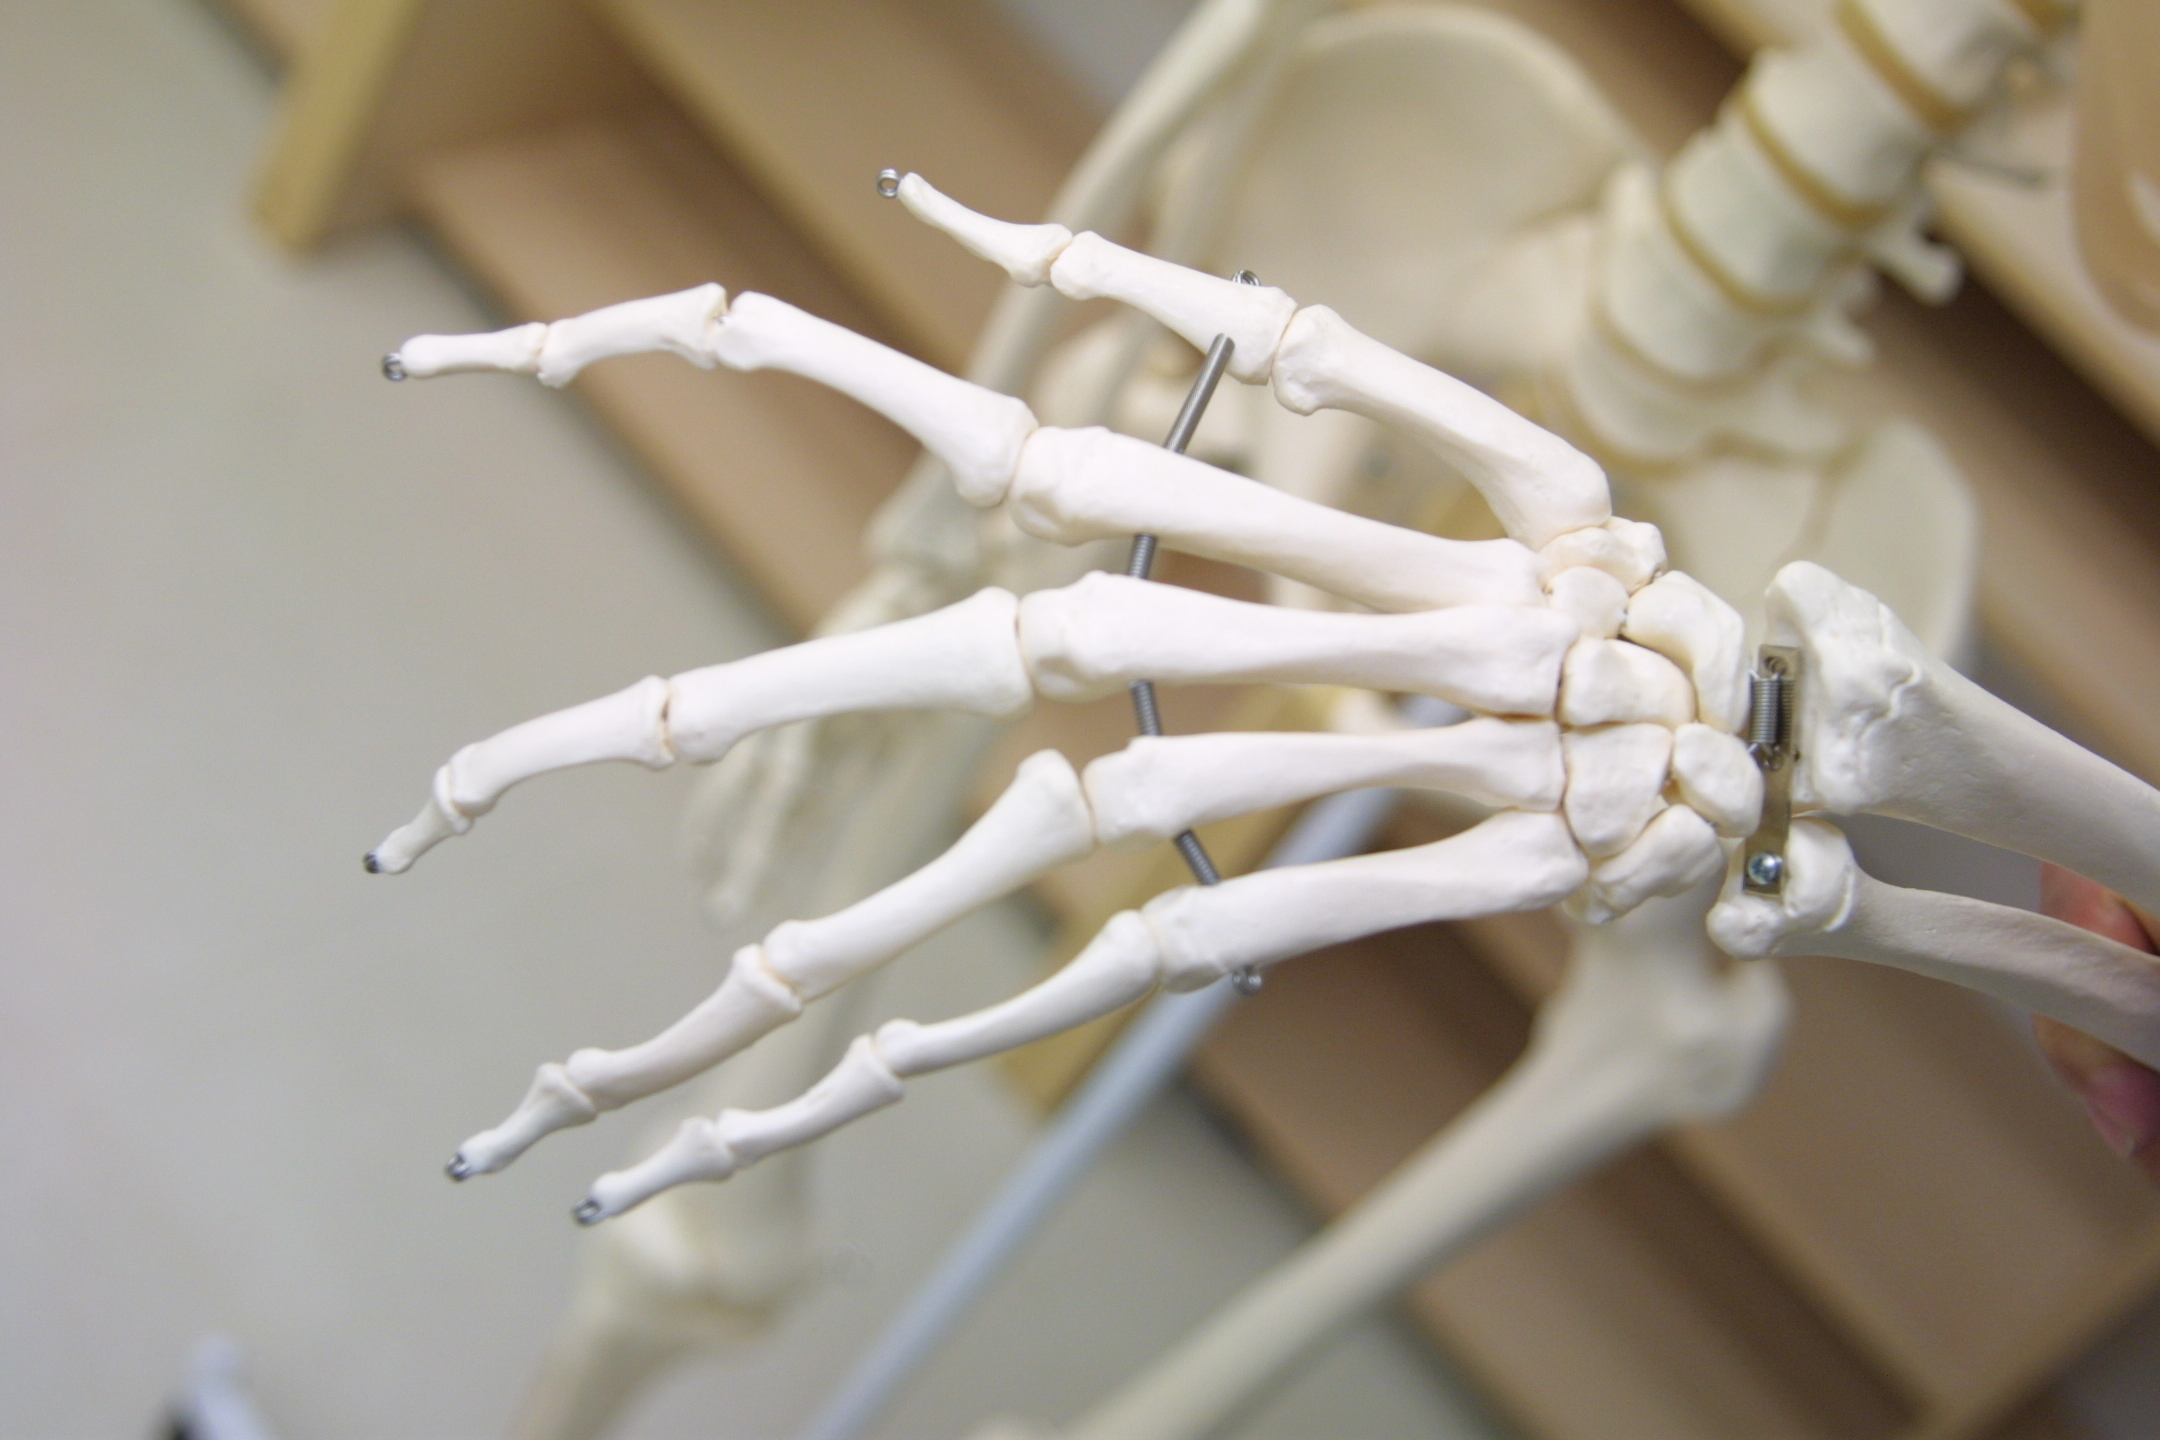 Nuestra enciclopedia de anatomía » Situaciones de Aprendizaje